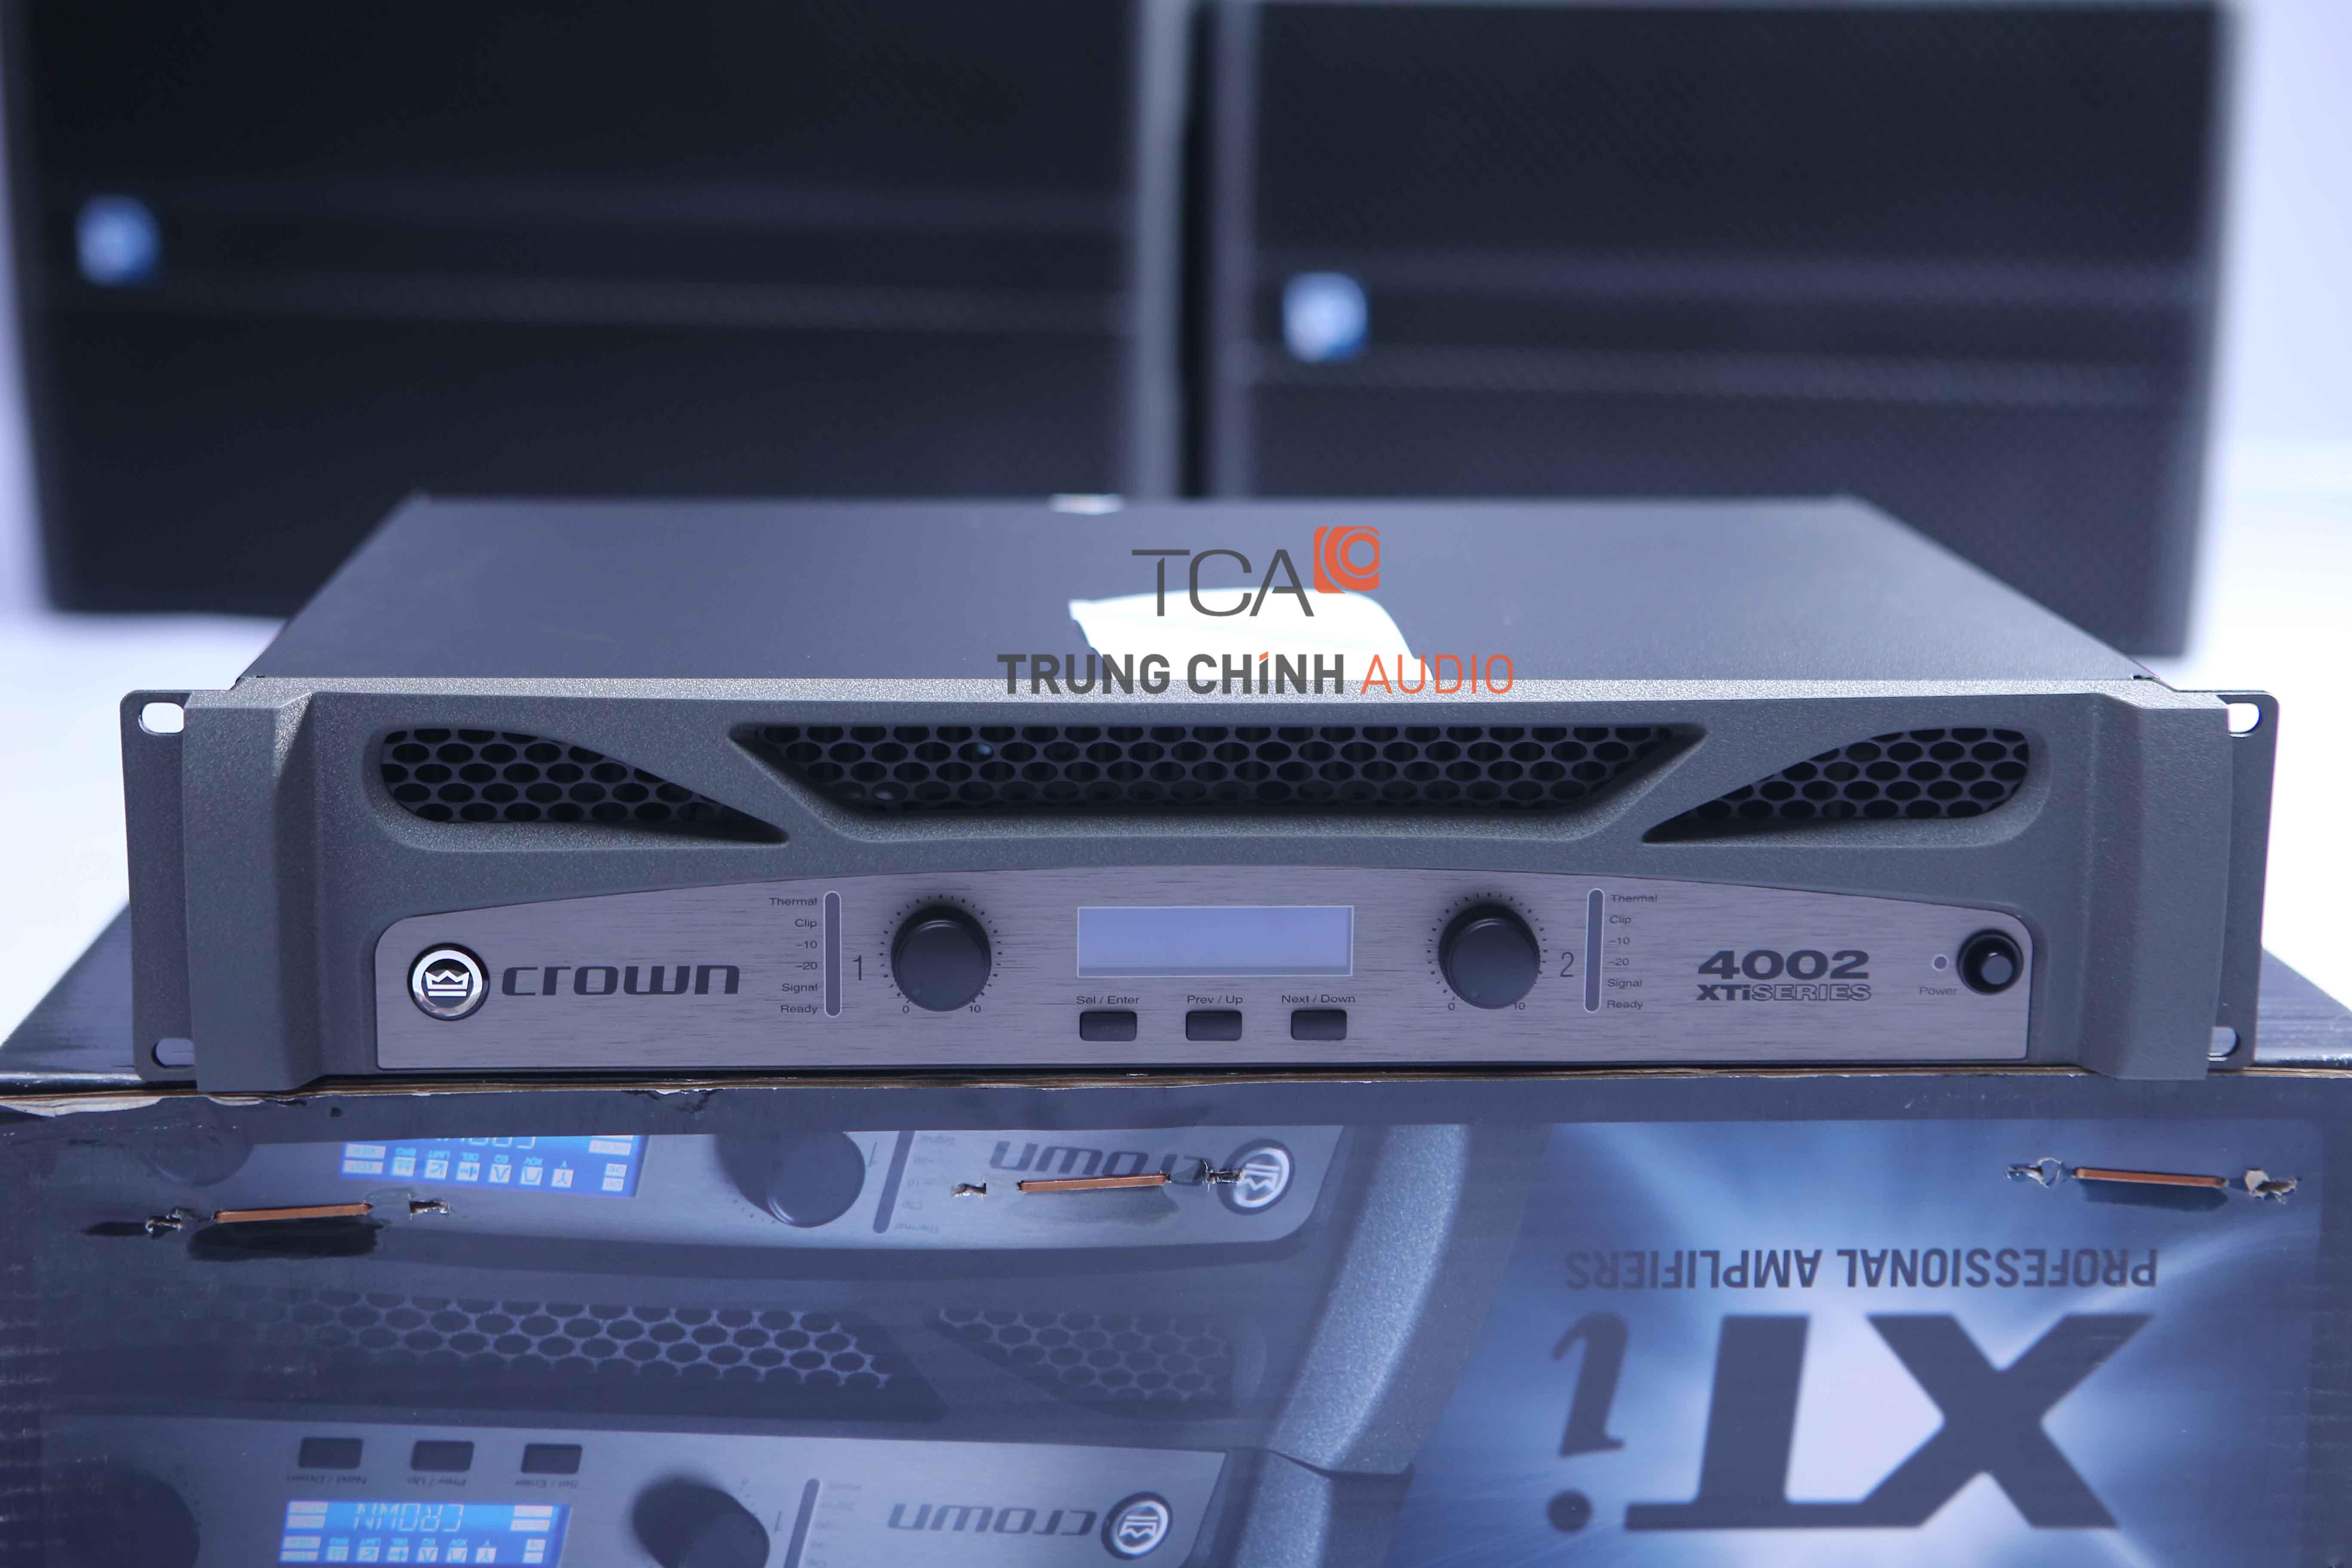 Crown XTi4002 : Bộ khuếch đại công suất